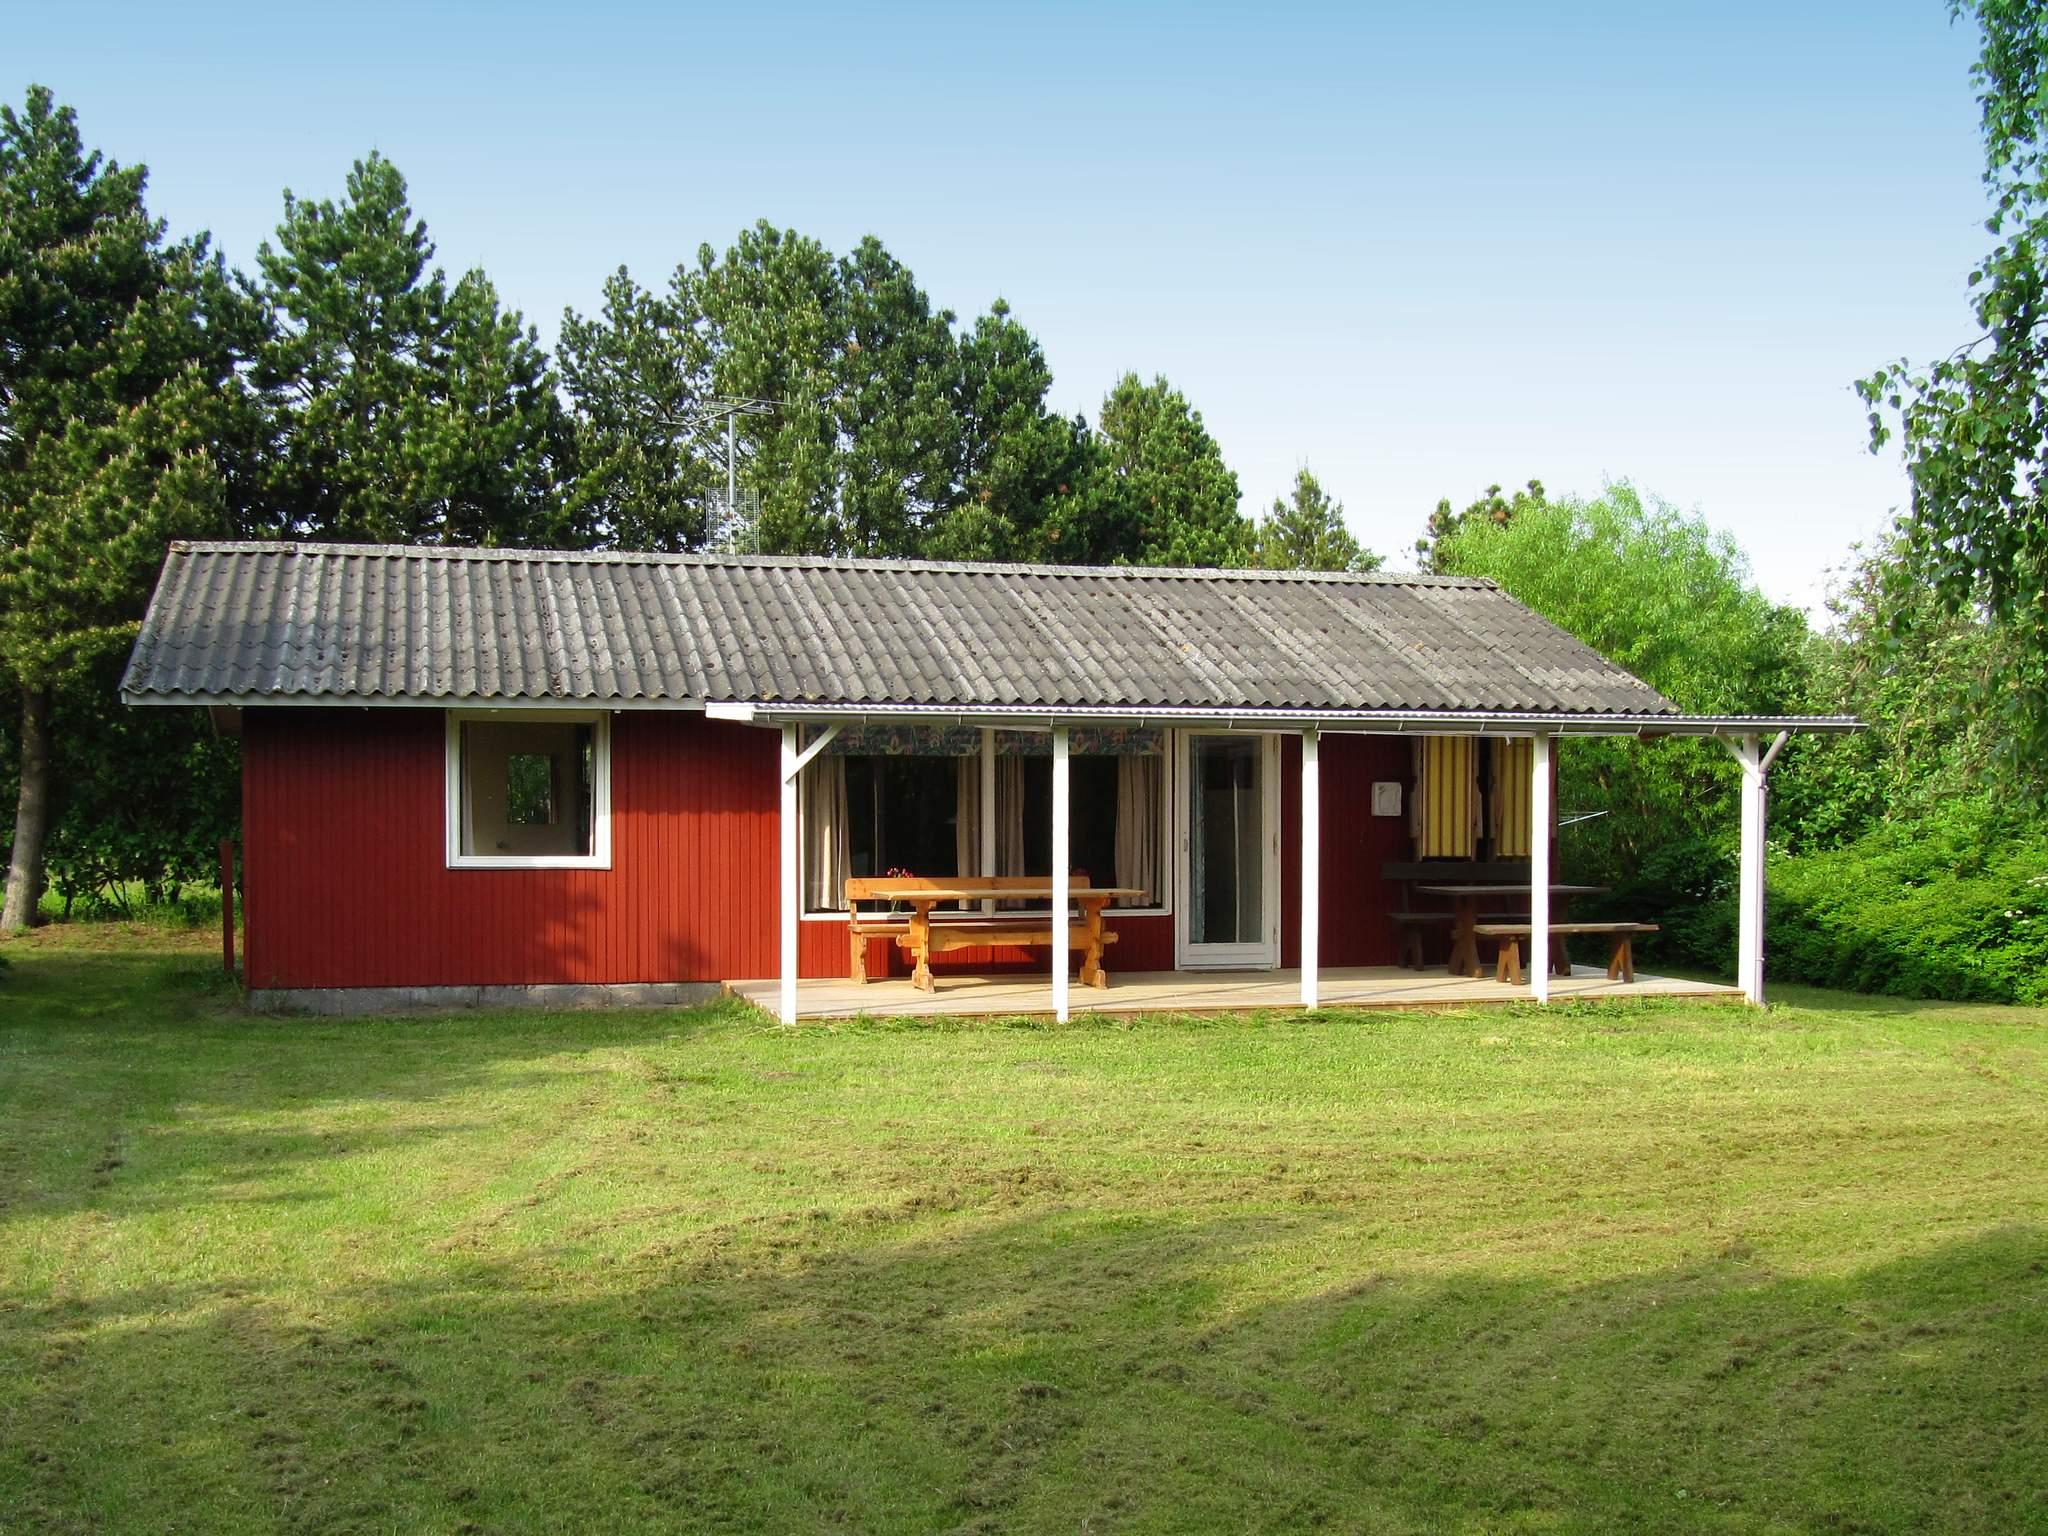 Ferienhaus Kramnitze (87282), Kramnitse, , Lolland, Dänemark, Bild 3